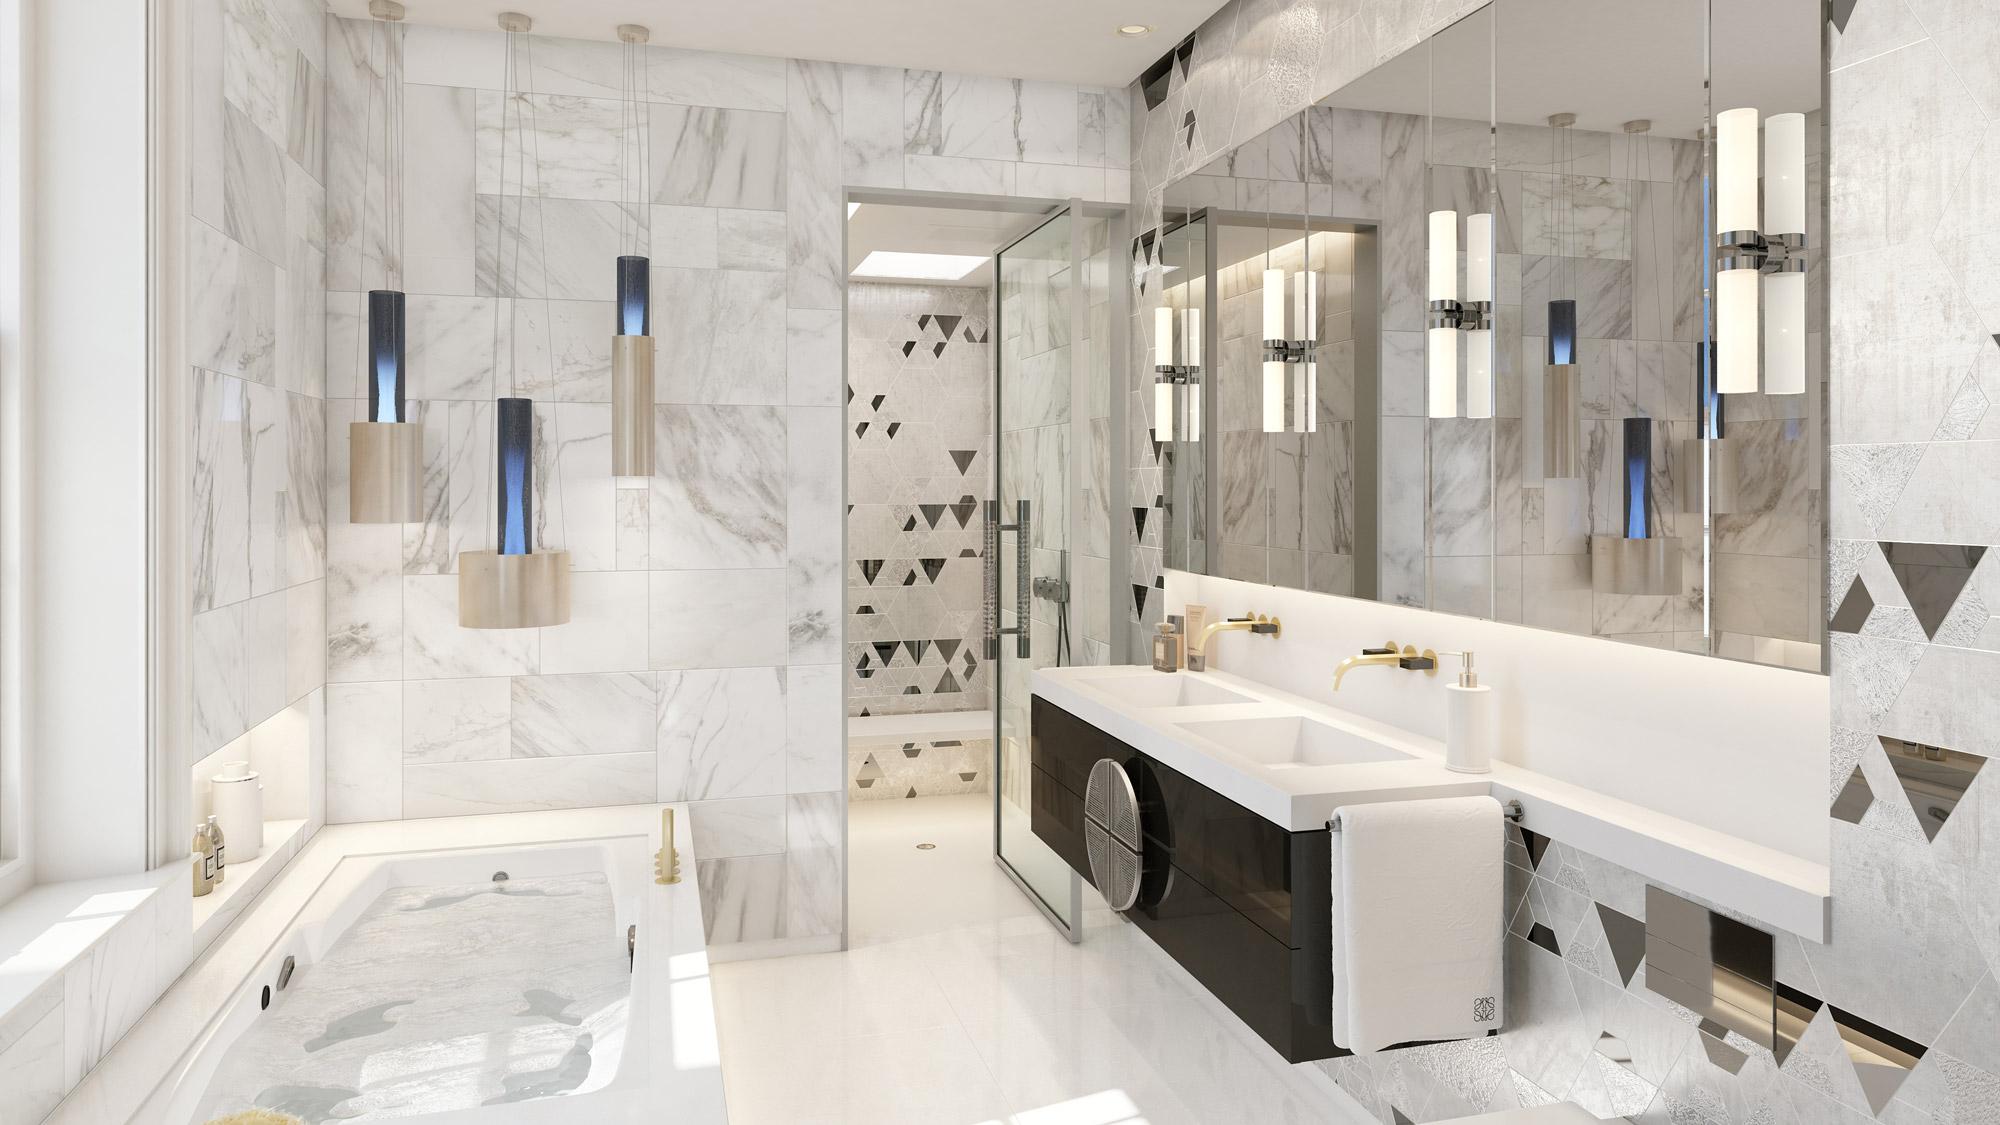 espejo amplio en la pared de un baño de mármol